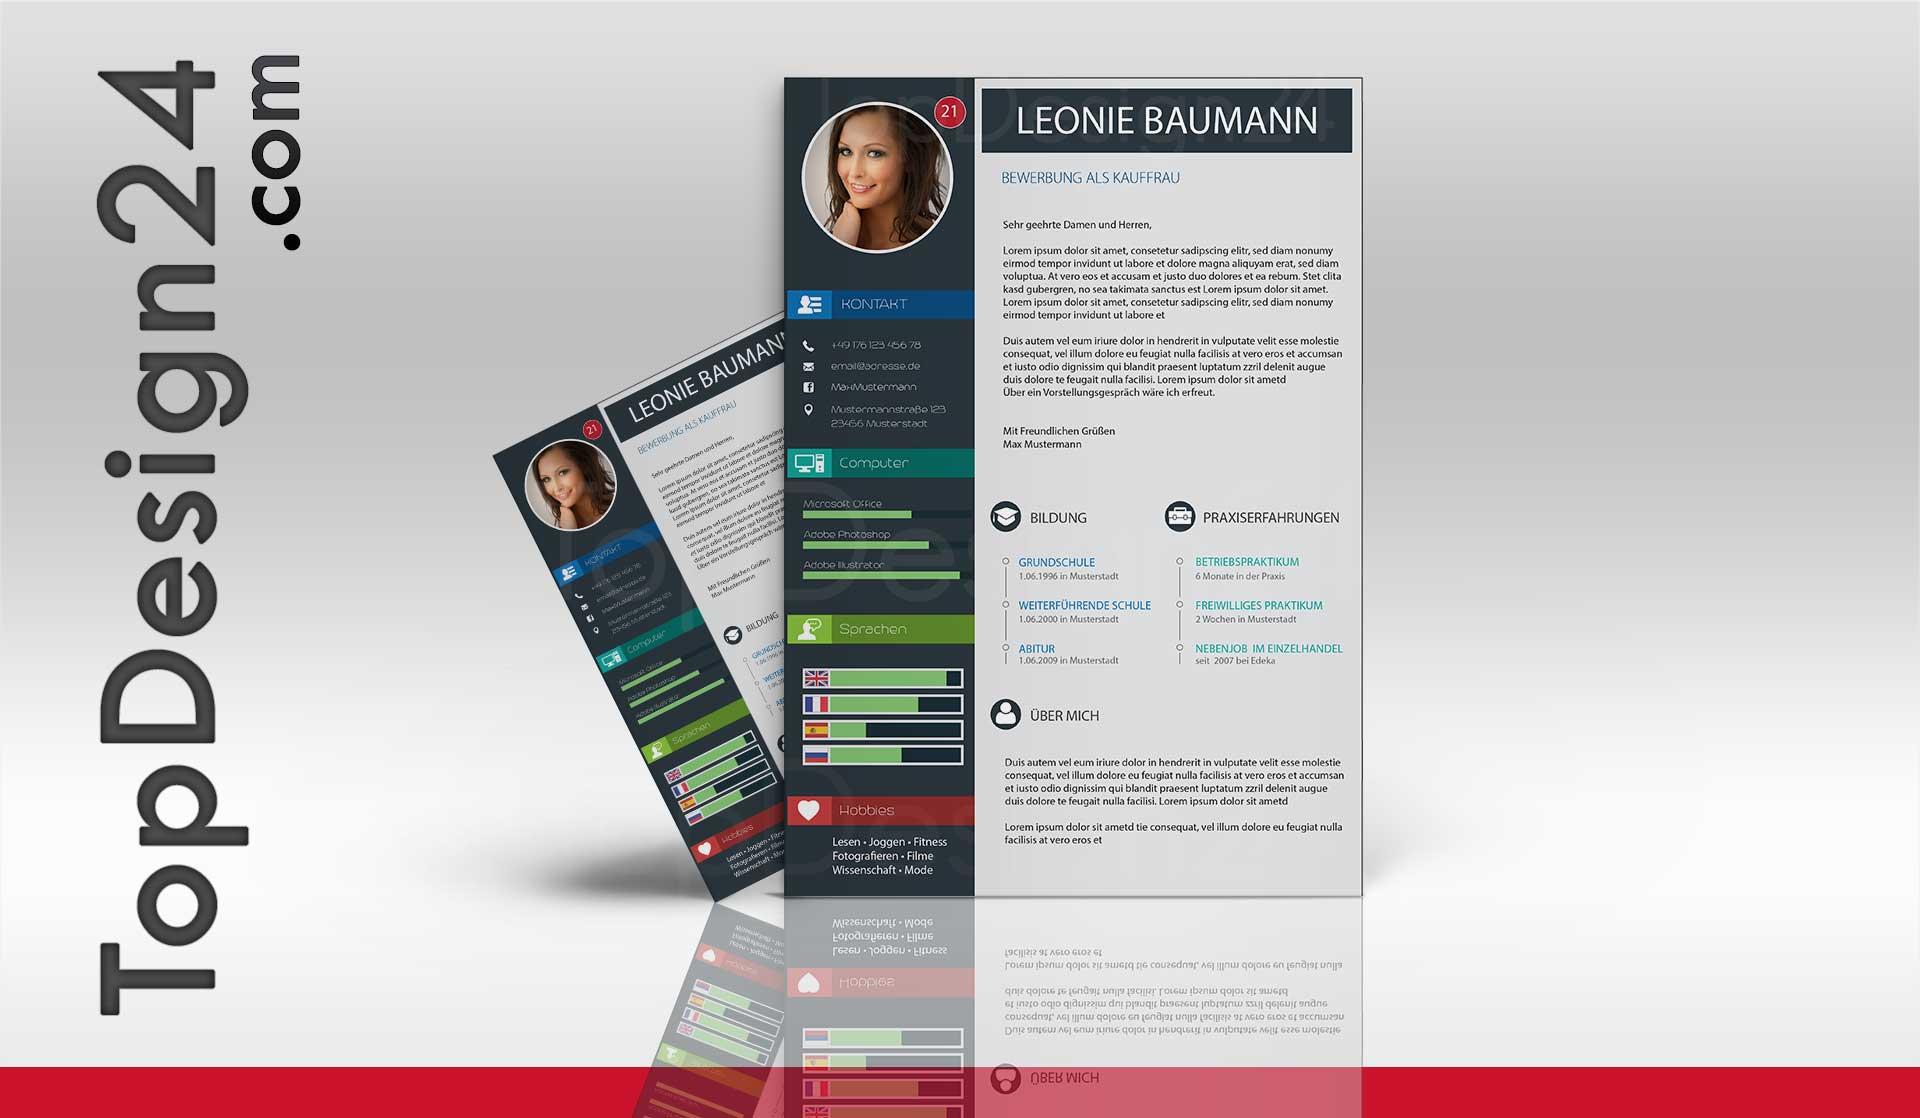 Design Bewerbung Kreativ - Deckblatt Word Vorlage 2015